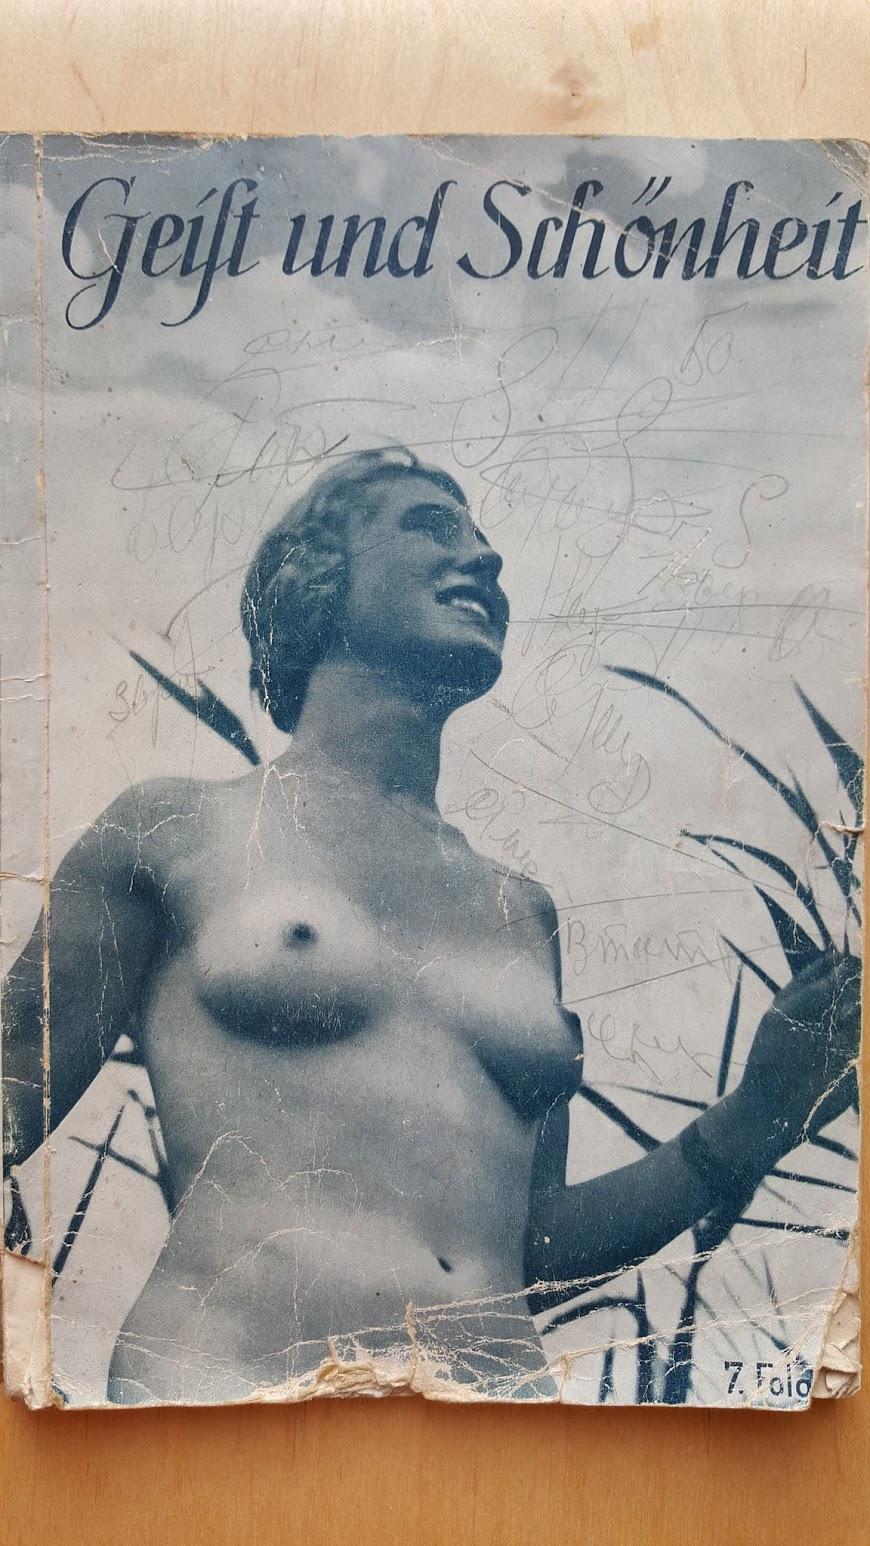 Geist und Schönheit - Nationalsozialismus mit Nacktbildern